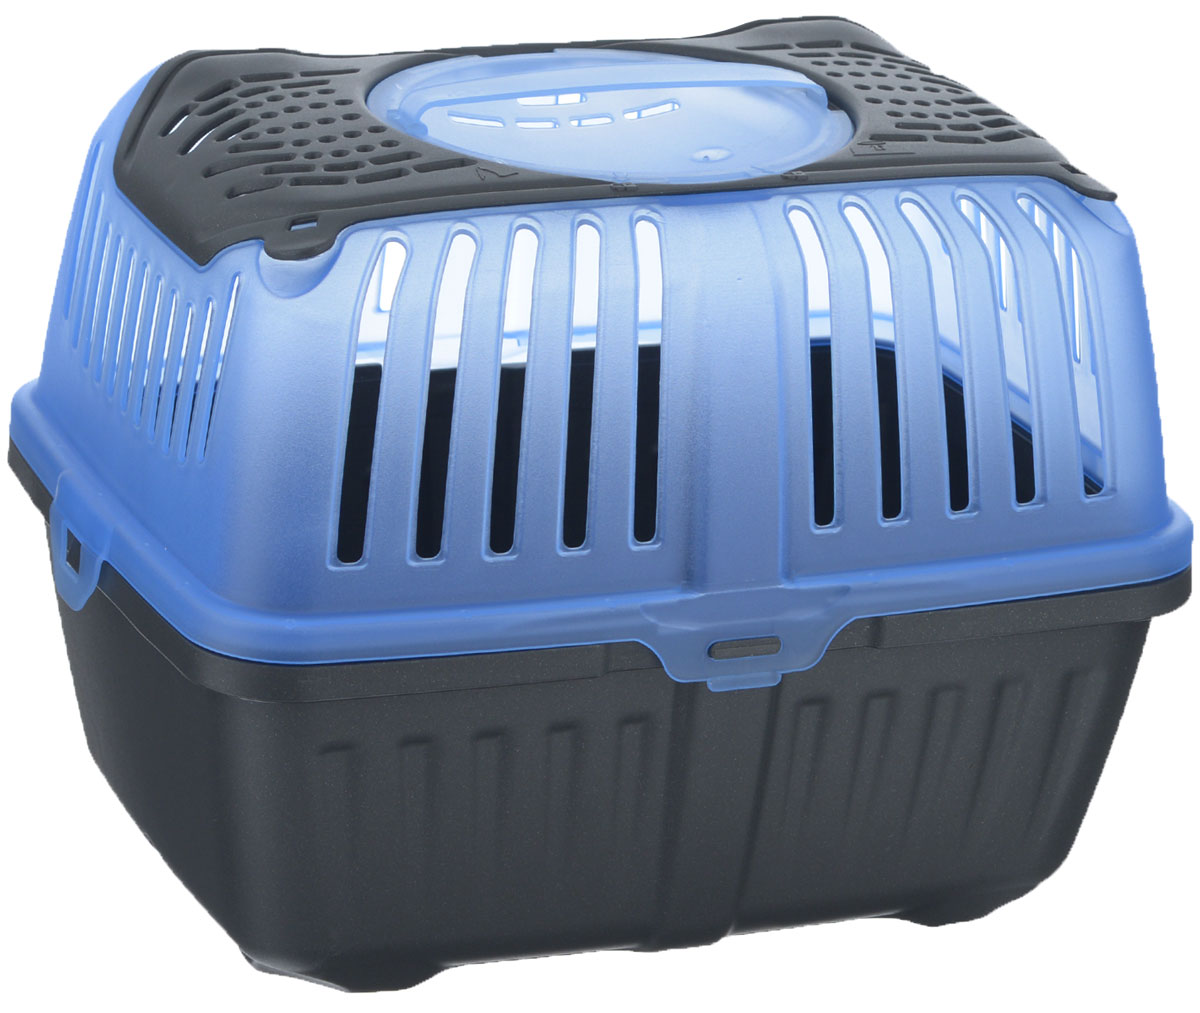 Переноска для грызунов MPS  Neyo , цвет: серо-синий, 30 см х 23 см х 23 см - Переноски, товары для транспортировки